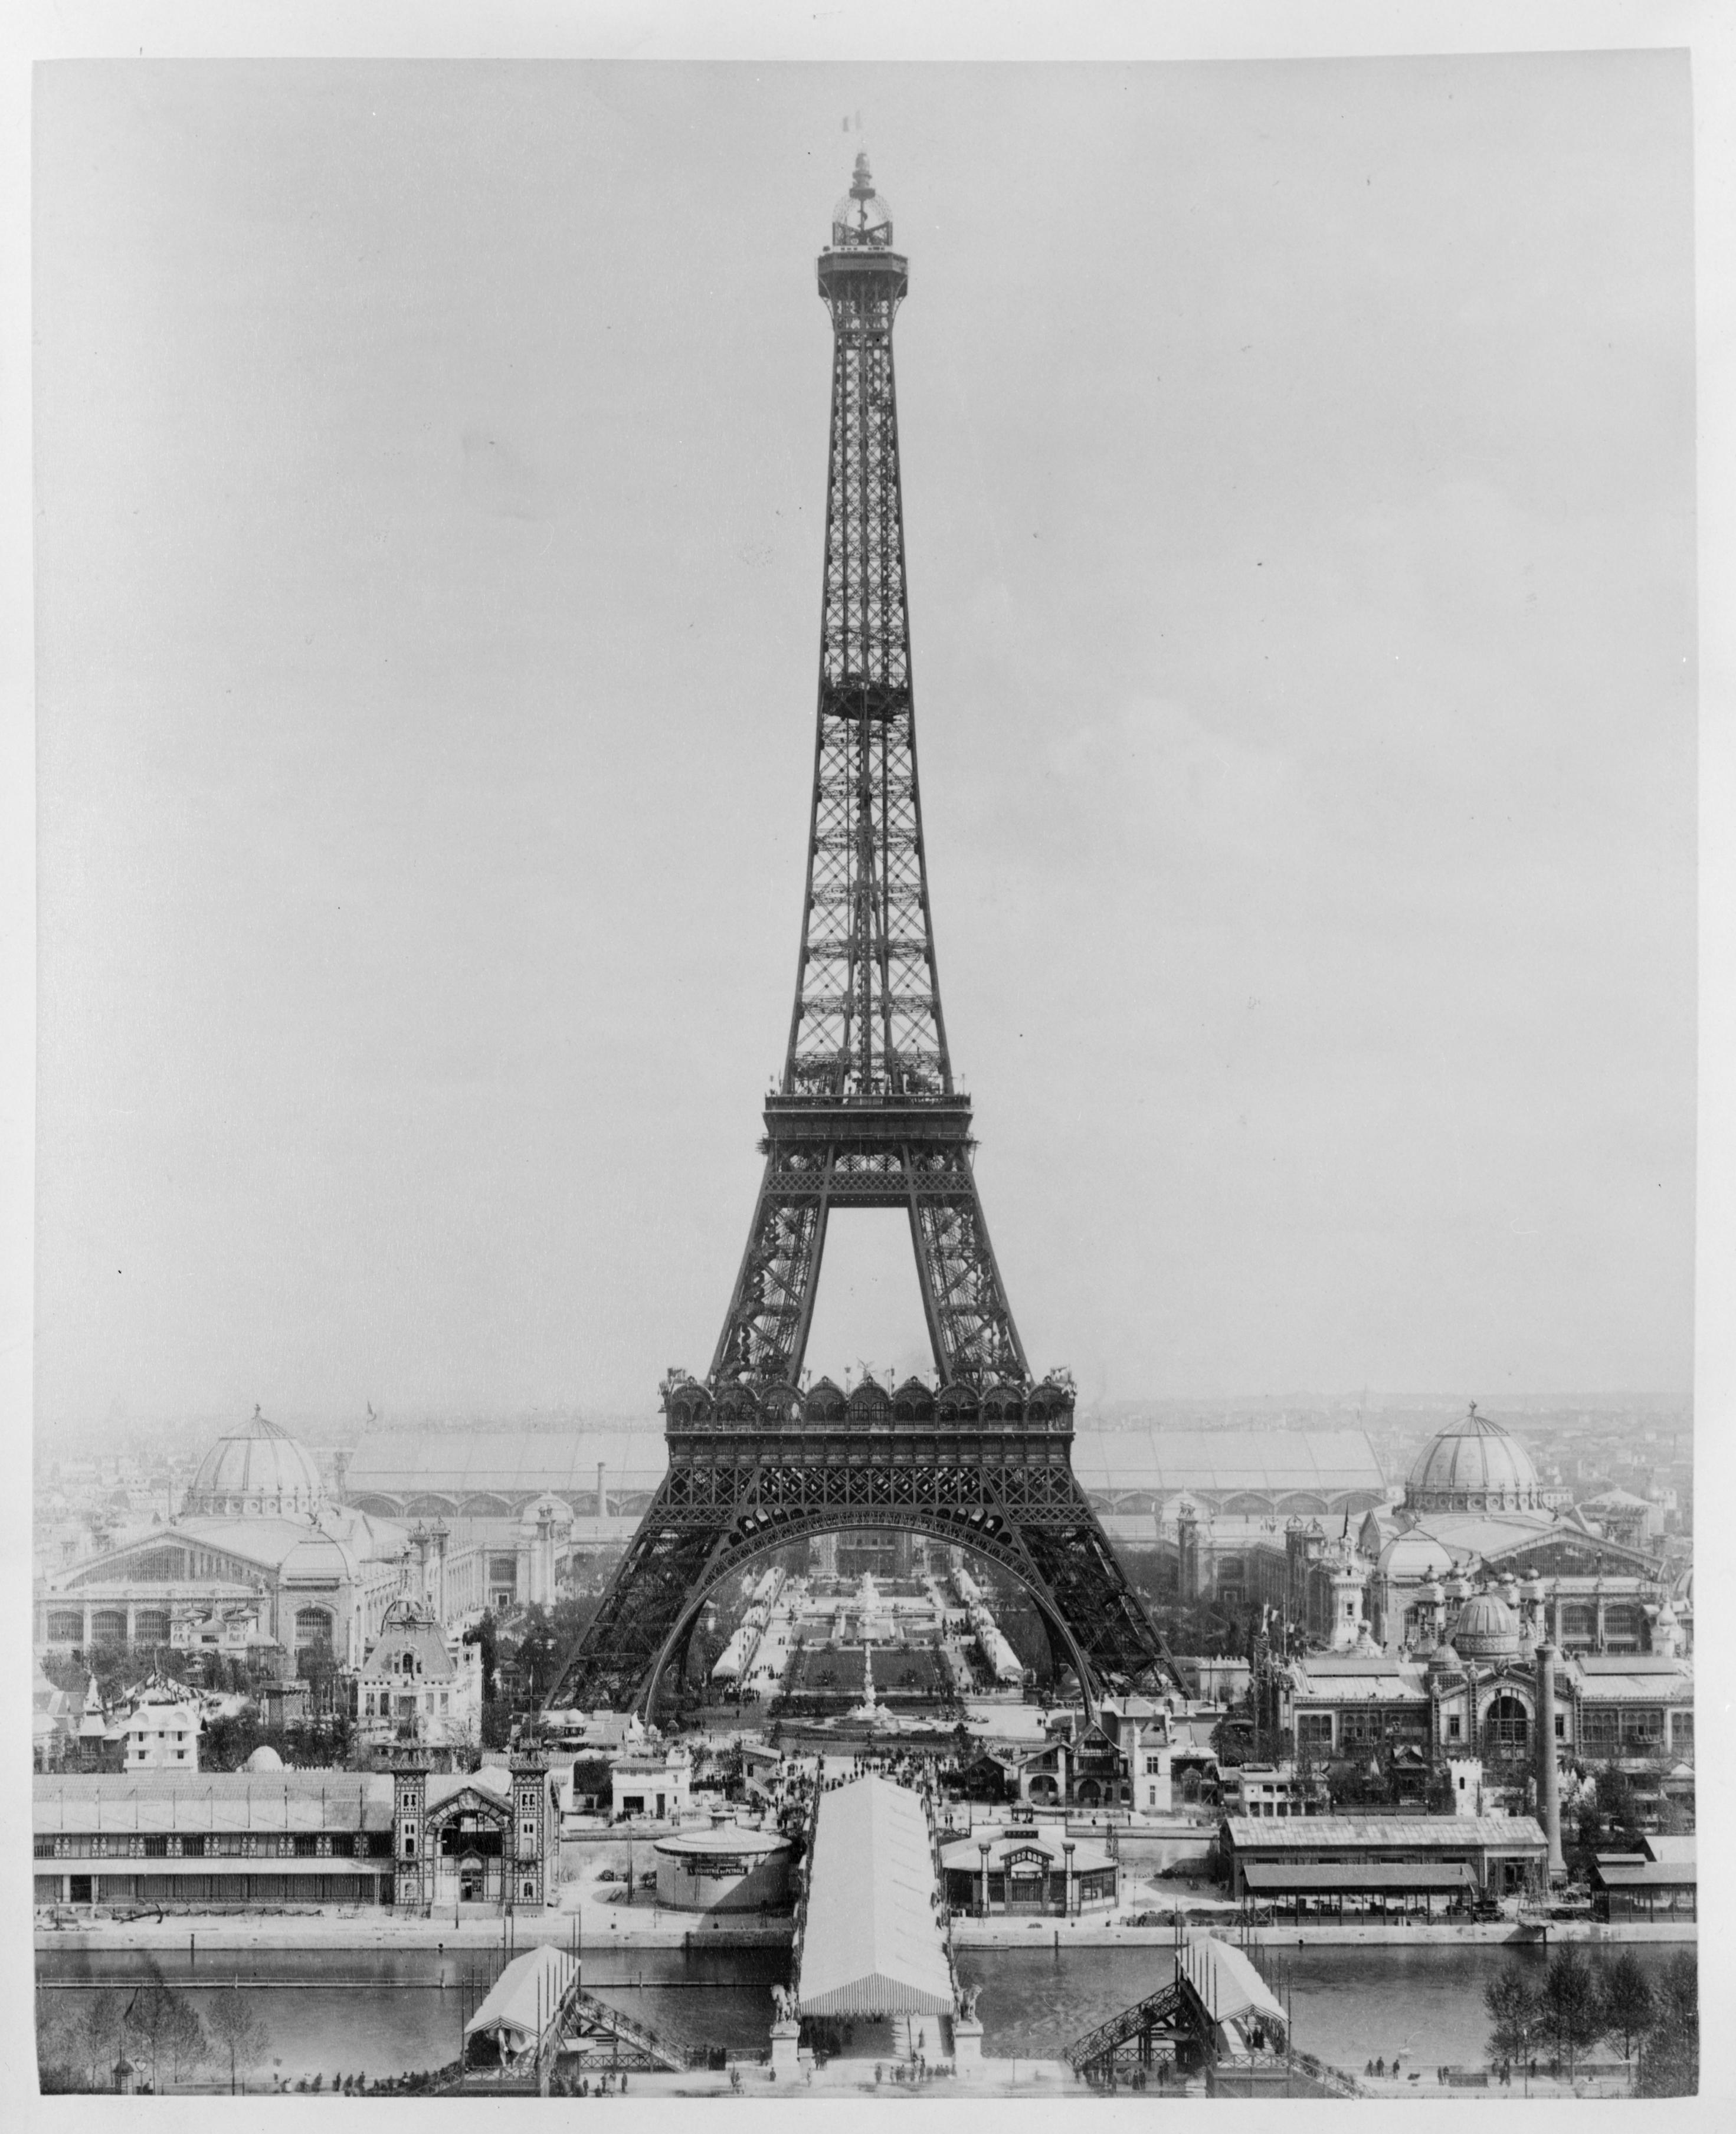 Description paris eiffel tower on completion